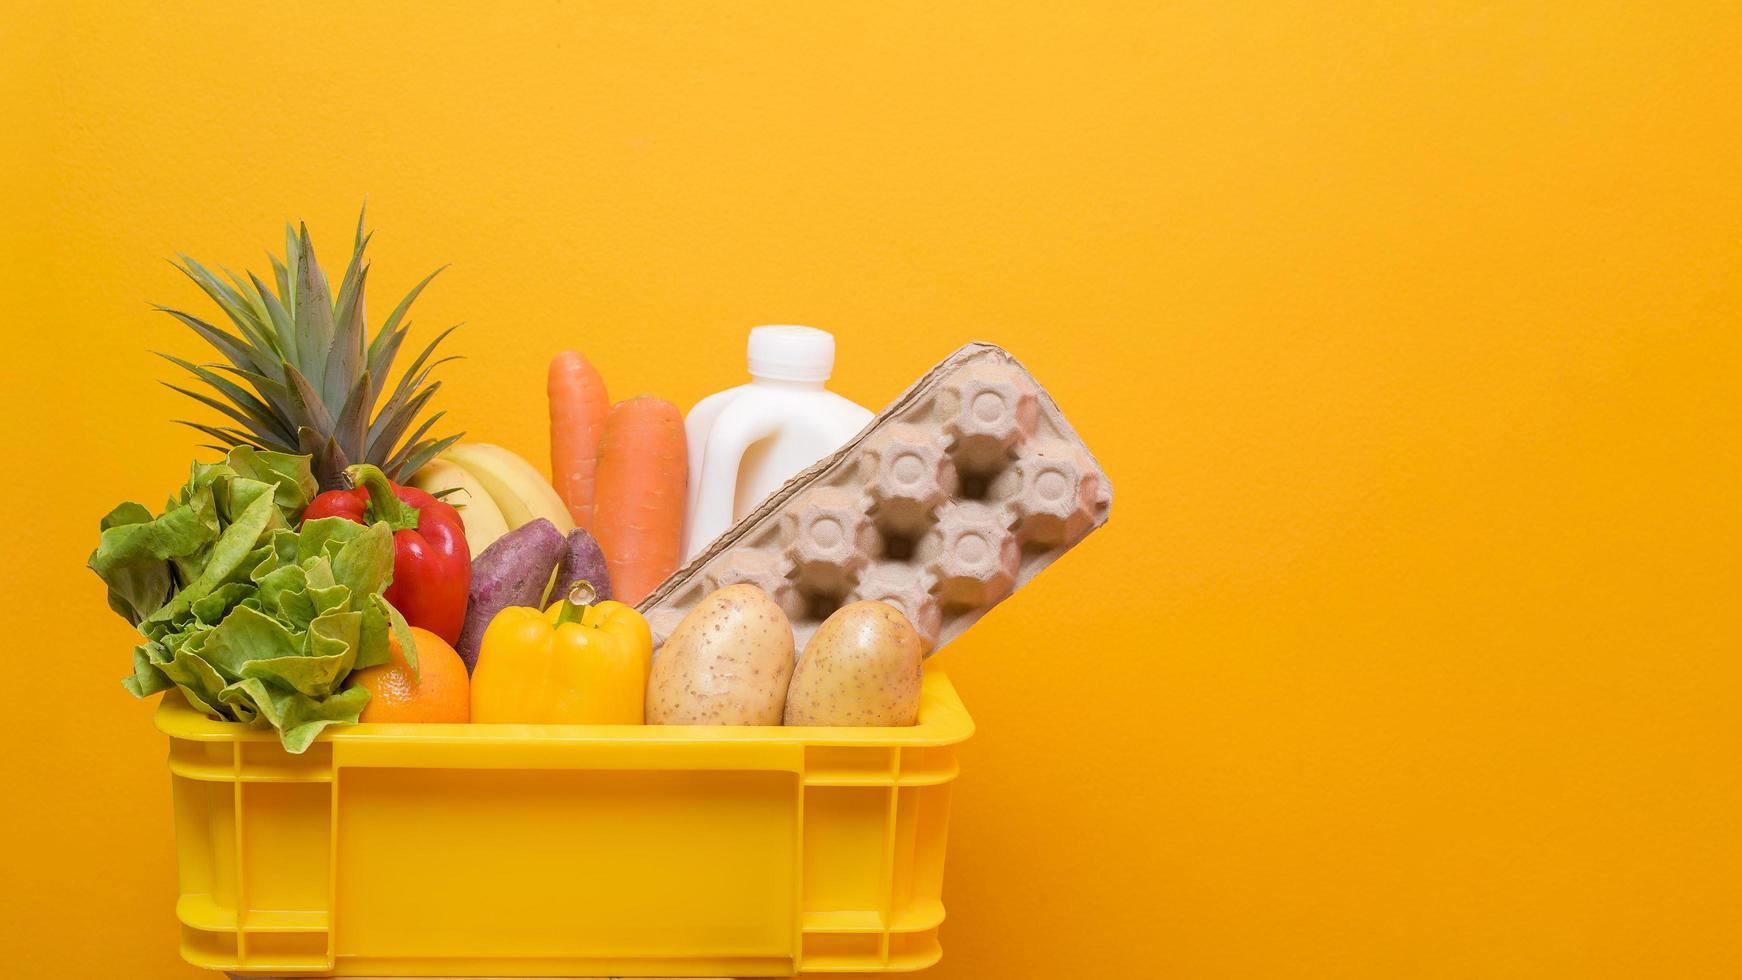 Schachtel mit Lebensmitteln auf gelbem Hintergrund foto